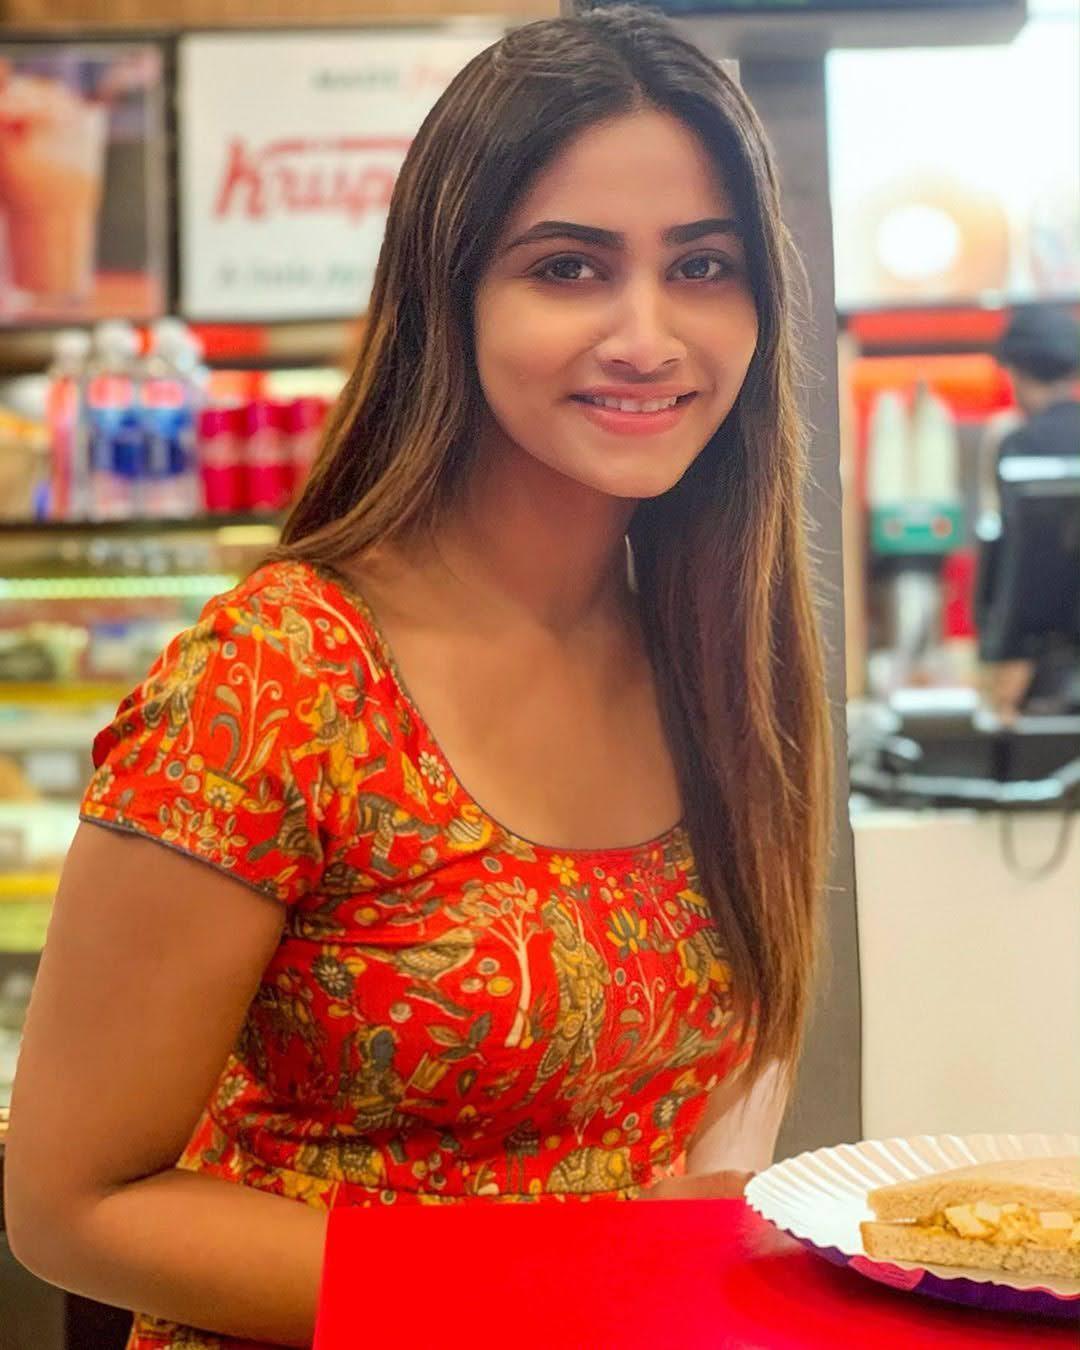 shivani_narayanan_515113191